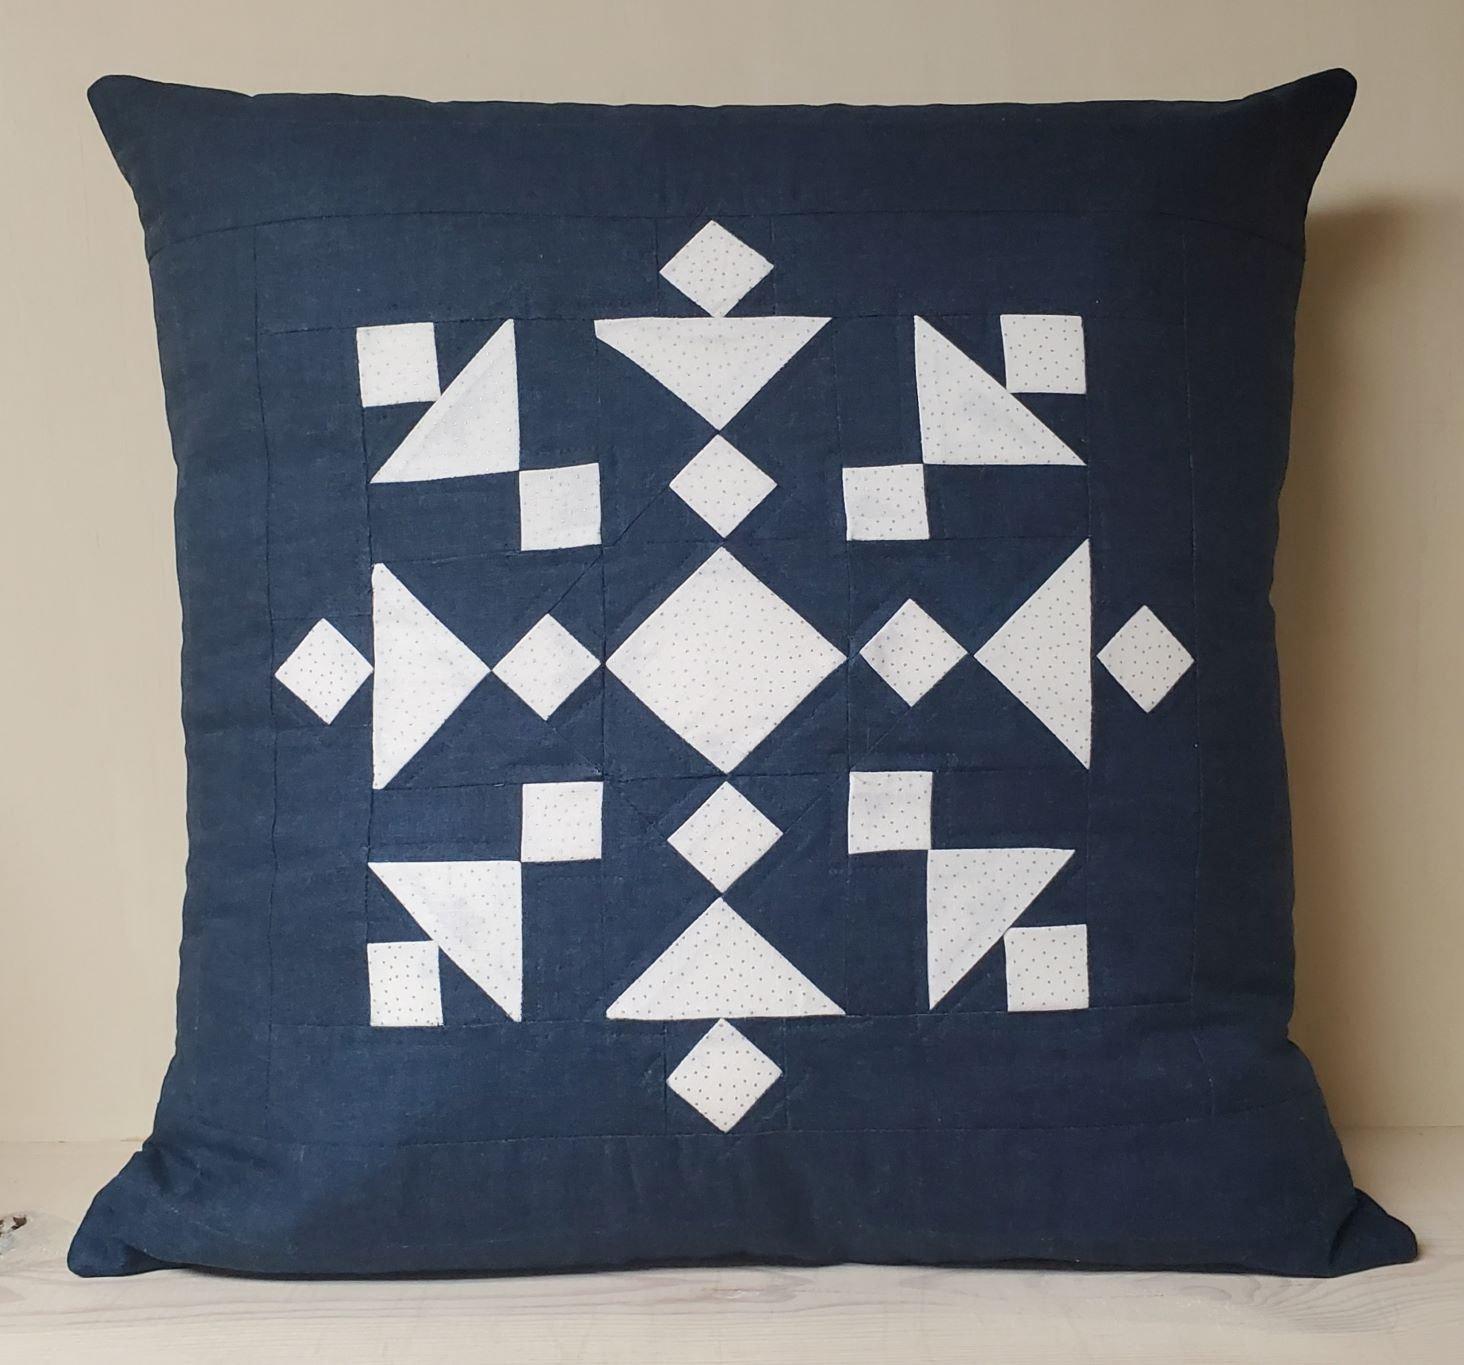 Snazzy Snowflake Pillow Kit